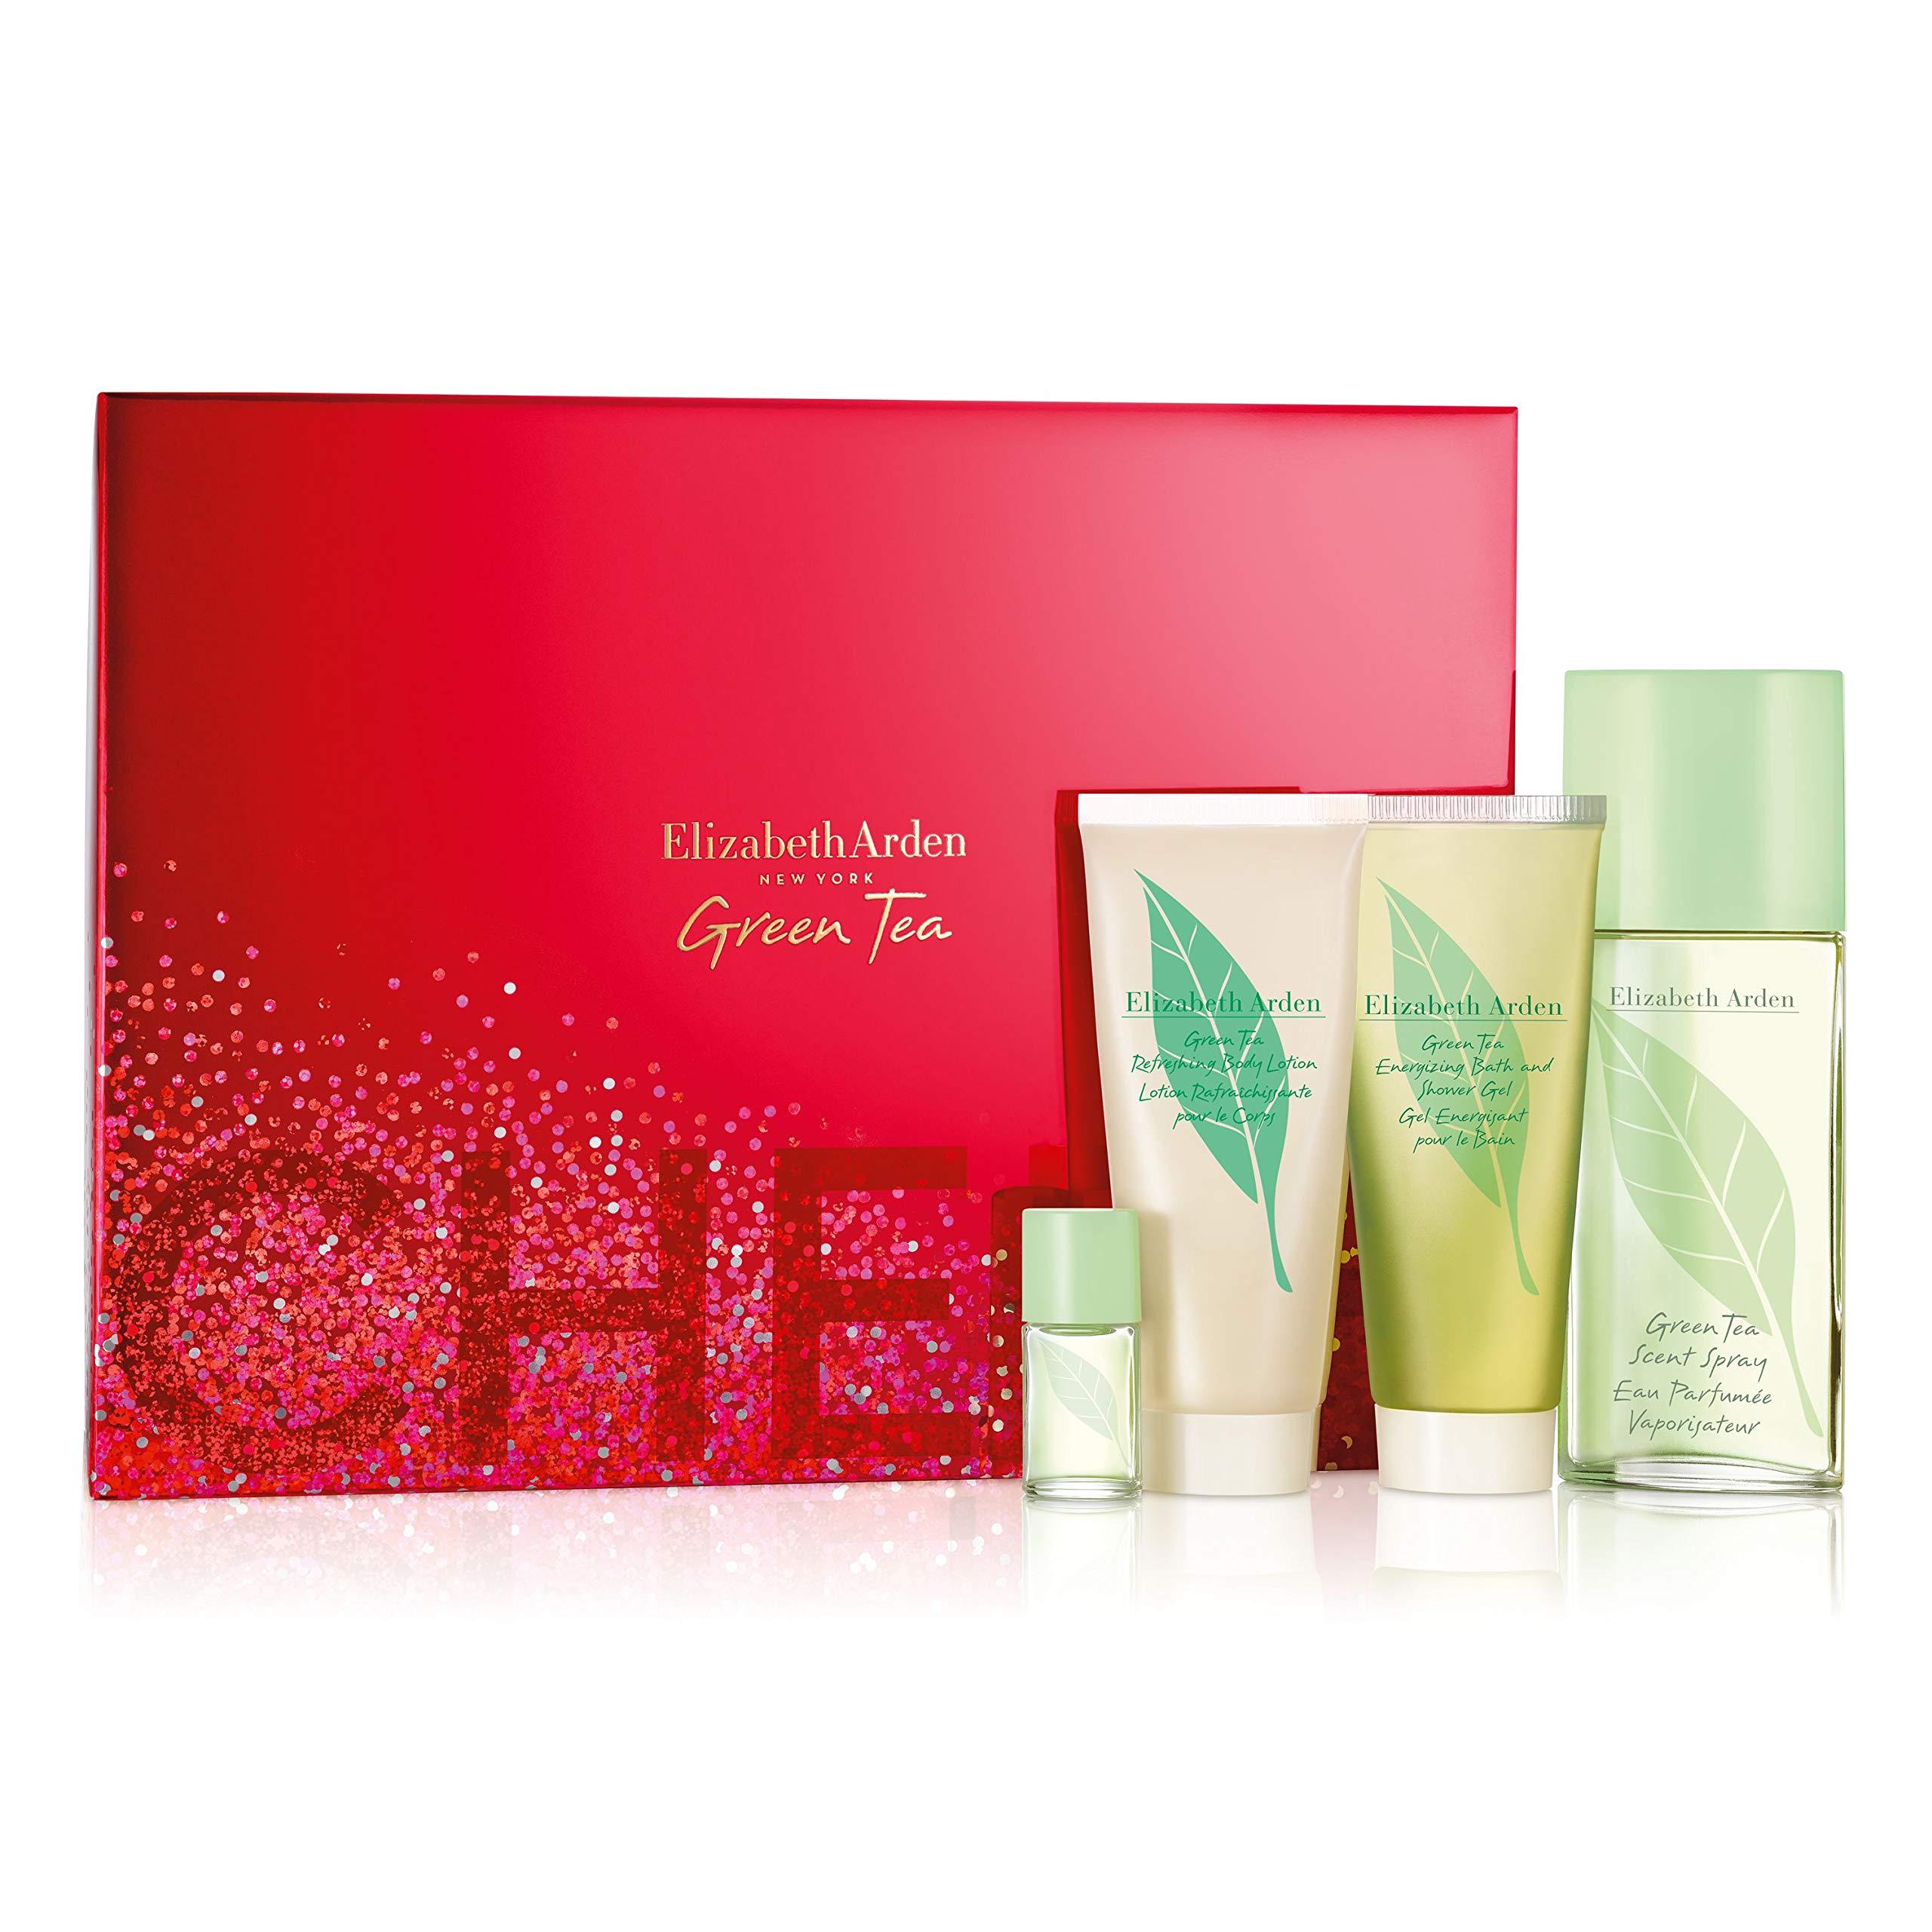 Elizabeth Arden Green Tea Scent Spray Gift Set, 3.3 Oz. by Elizabeth Arden